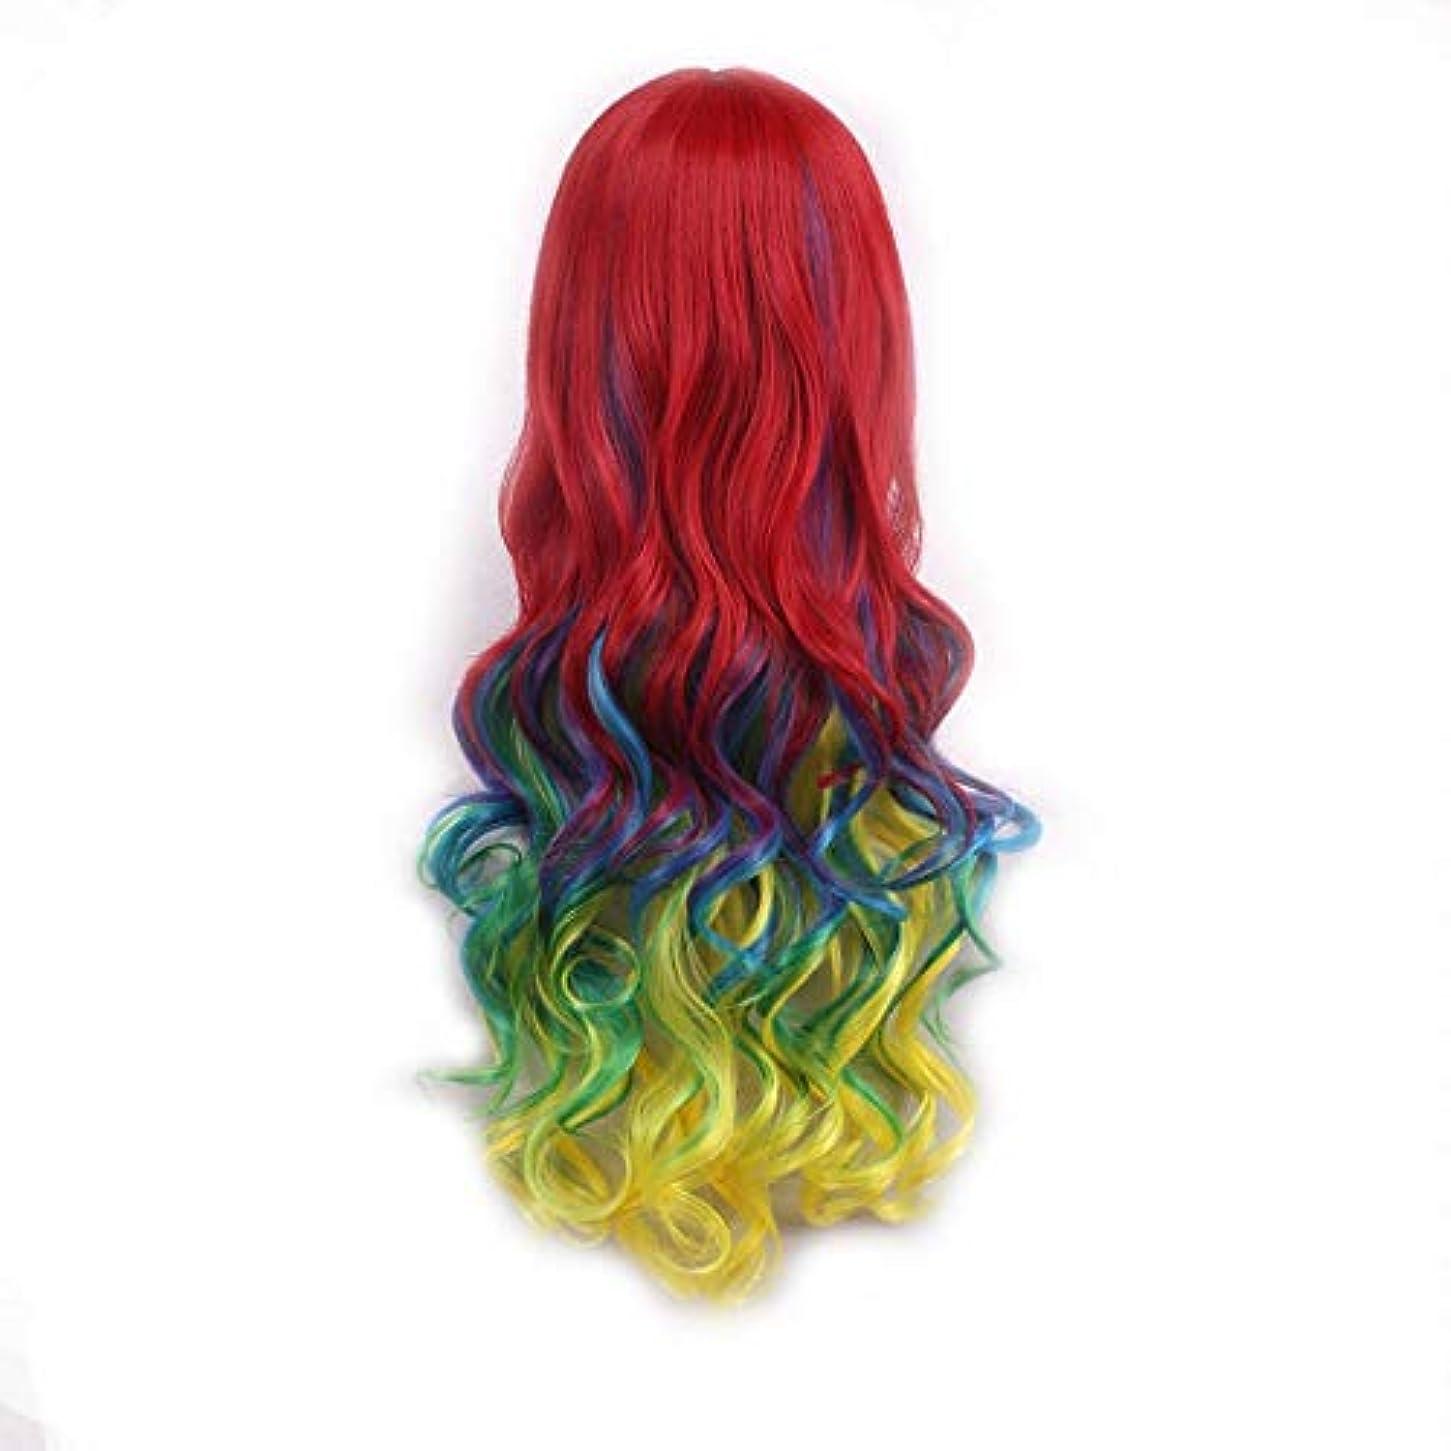 玉ねぎ流体取り除くウィッグキャップウィッグロングファンシードレスストレート&カールウィッグレディース高品質な合成色の髪のコスプレ高密度ウィッグ女性と女の子 (Color : Curls)